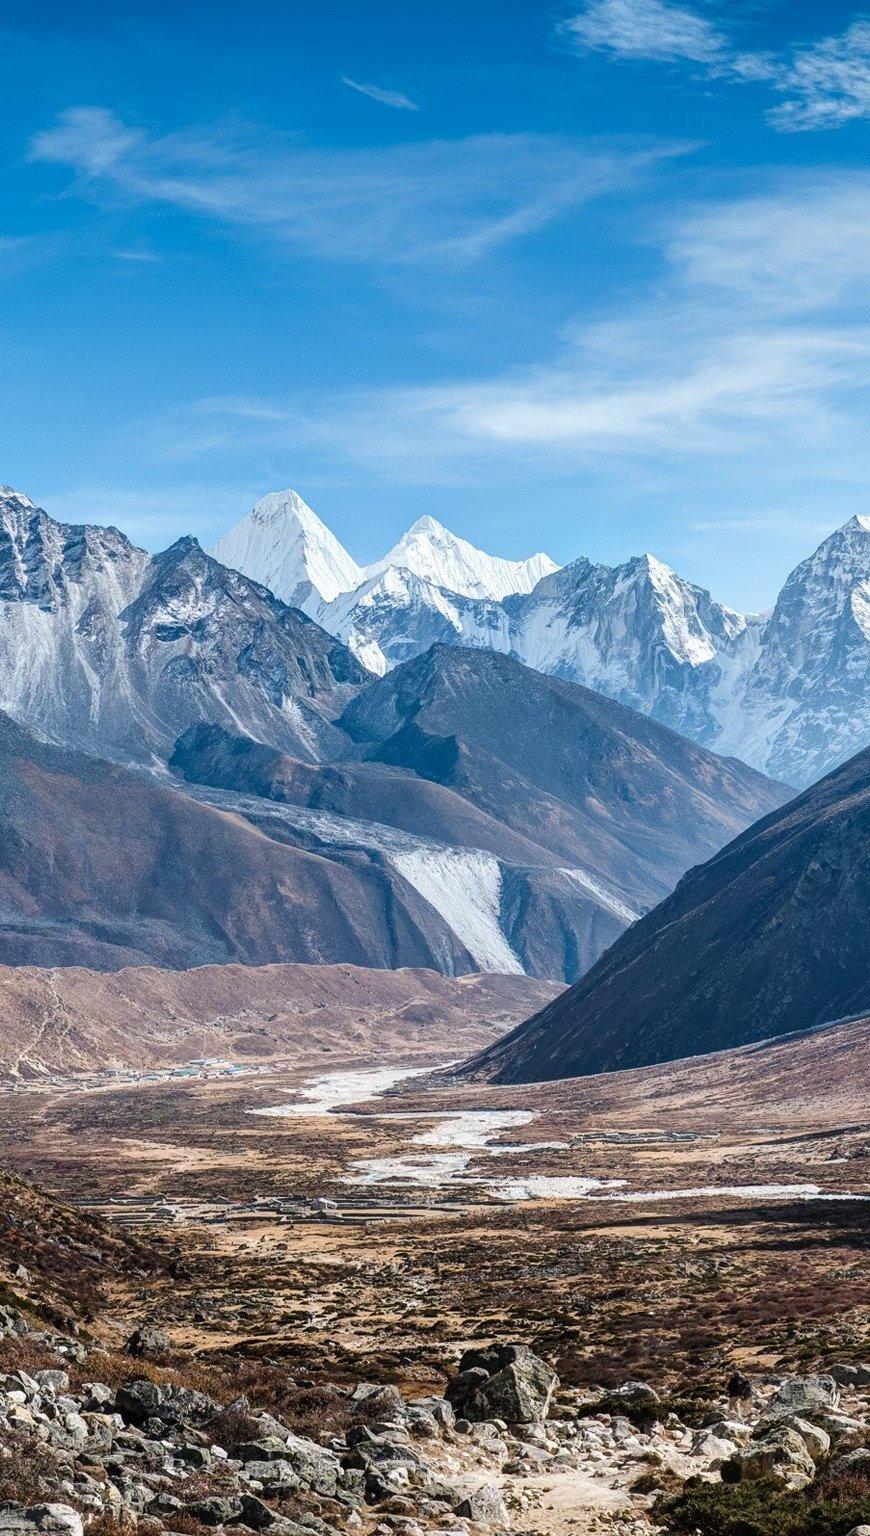 Fondos de pantalla Montañas Ama Dablam en el Himalaya Vertical